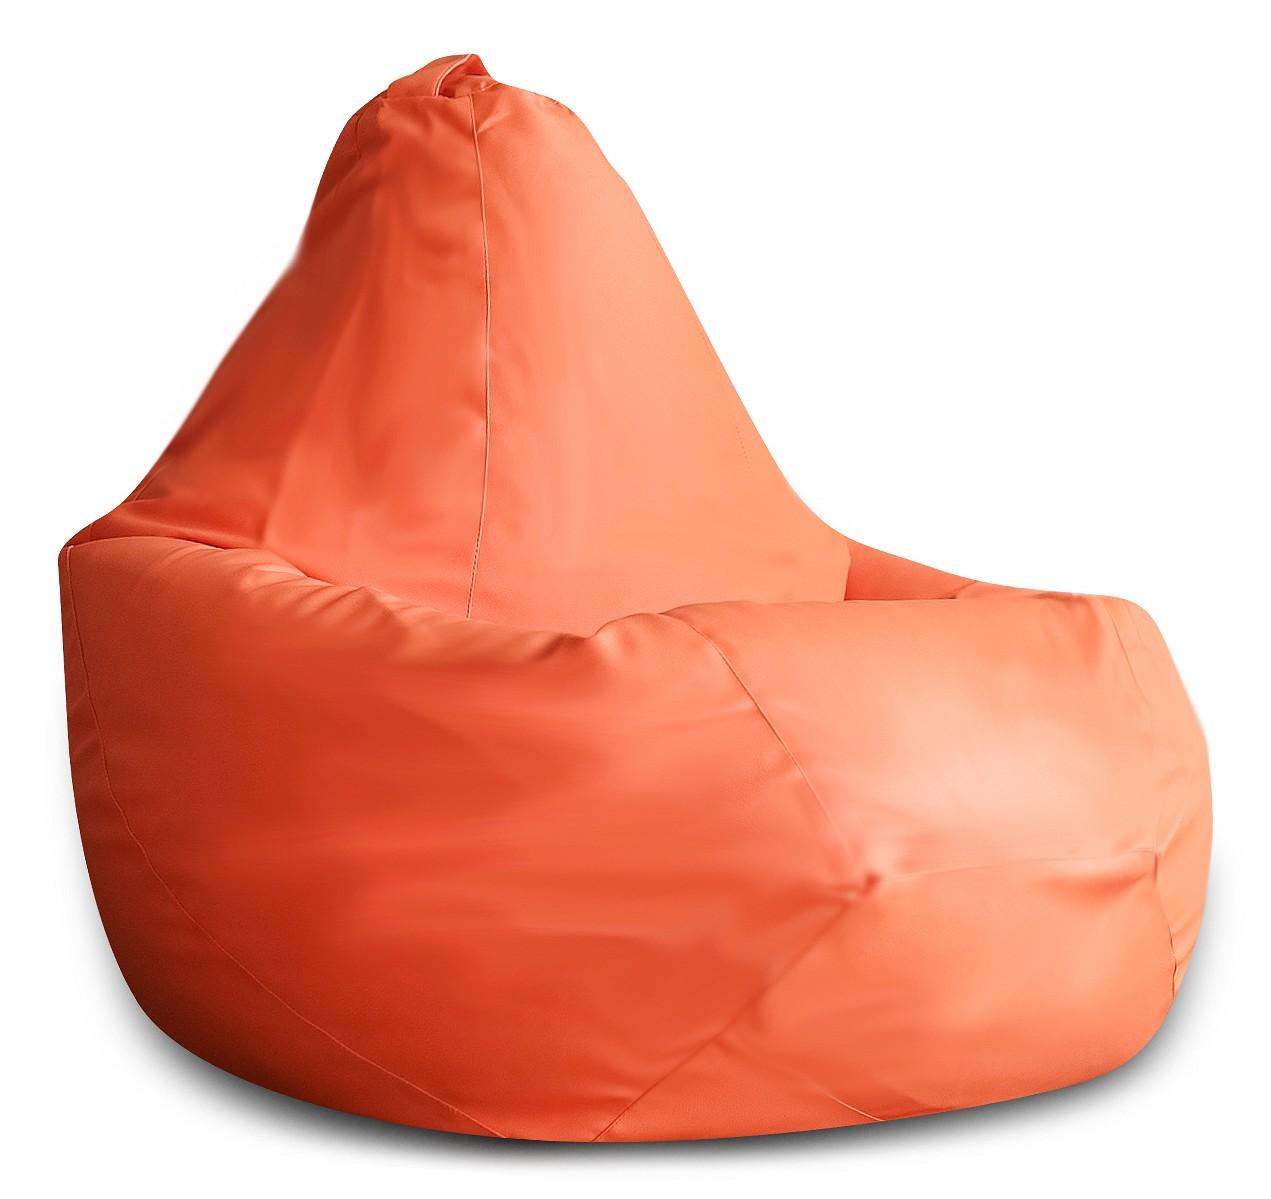 Кресло-мешок DreamBag Кресло-мешок, размер XL, экокожа, оранжевый